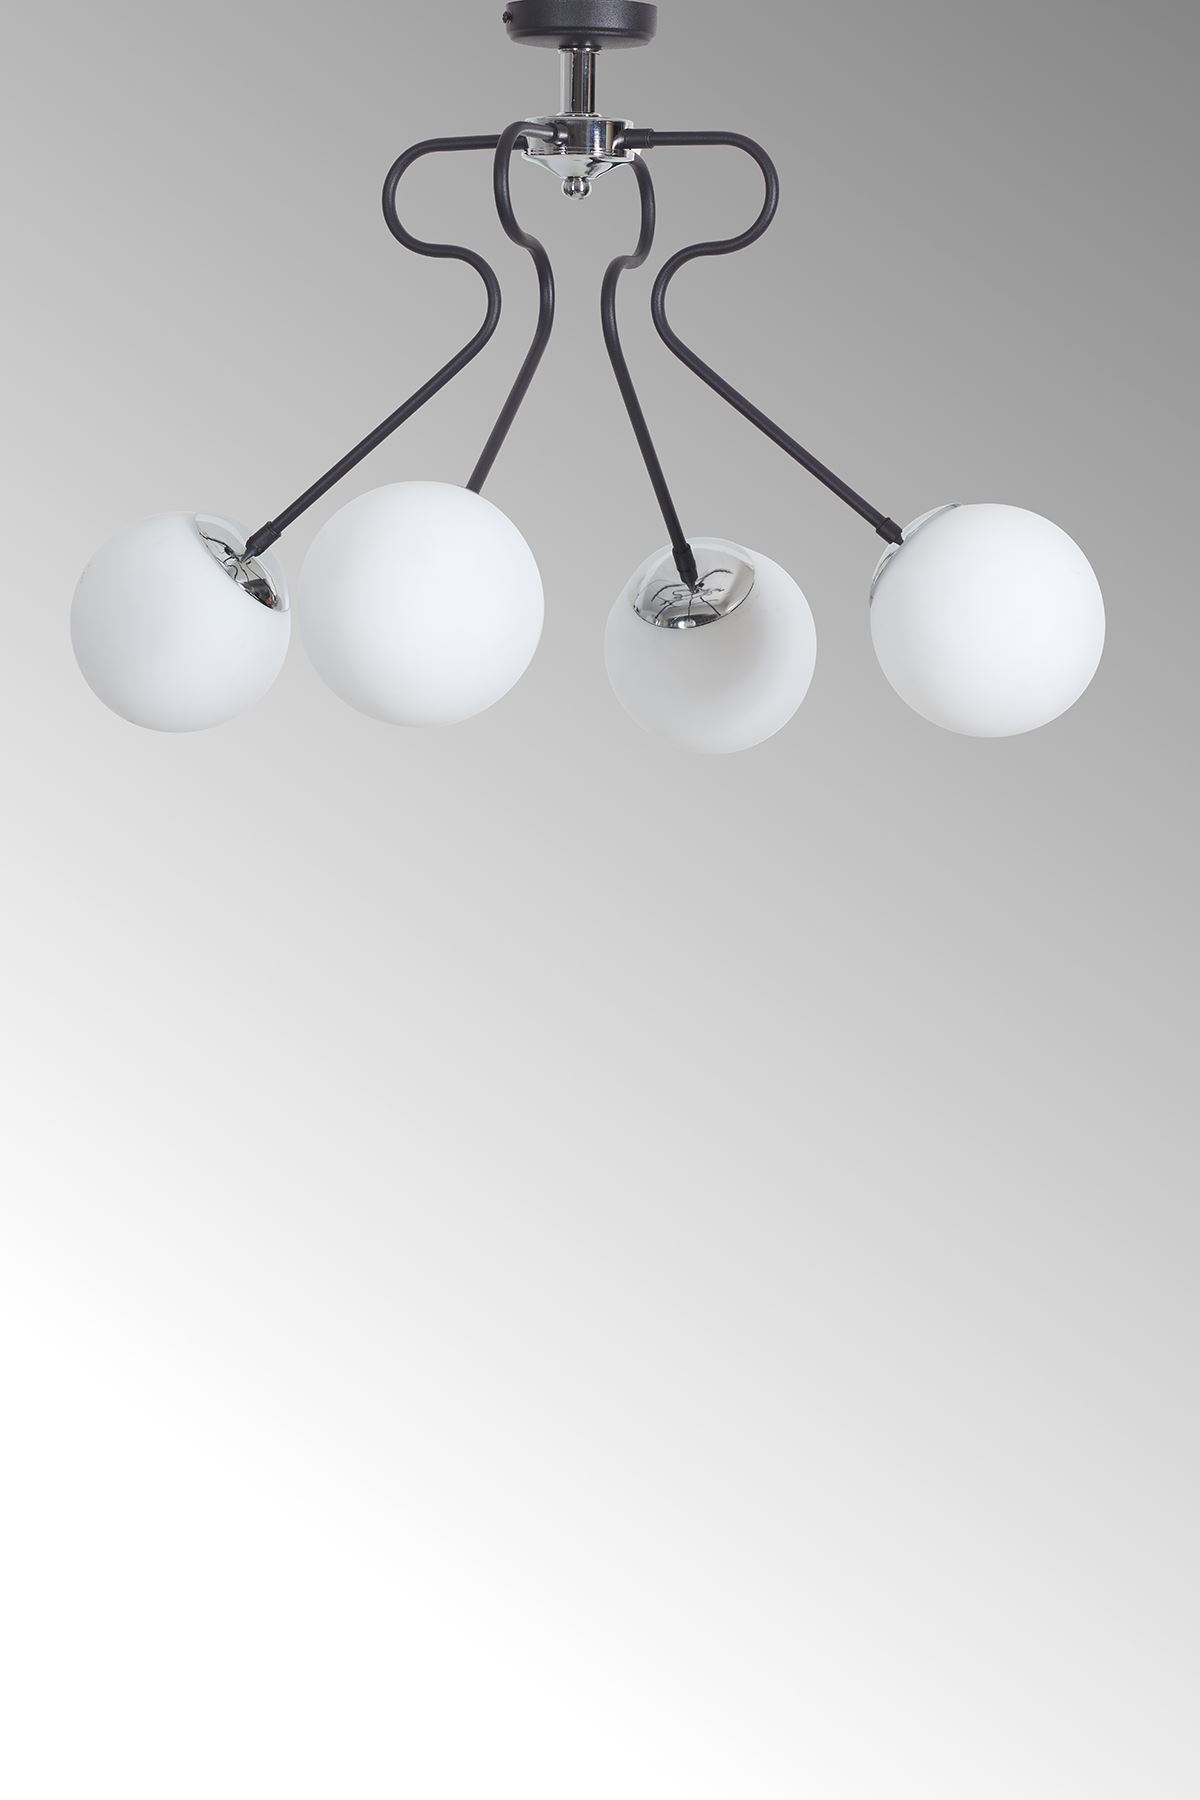 Dominik 4 Lü Siyah Kollu-Krom Metal Gövde Beyaz Rengi Camlı Tasarım Lüx  Avize